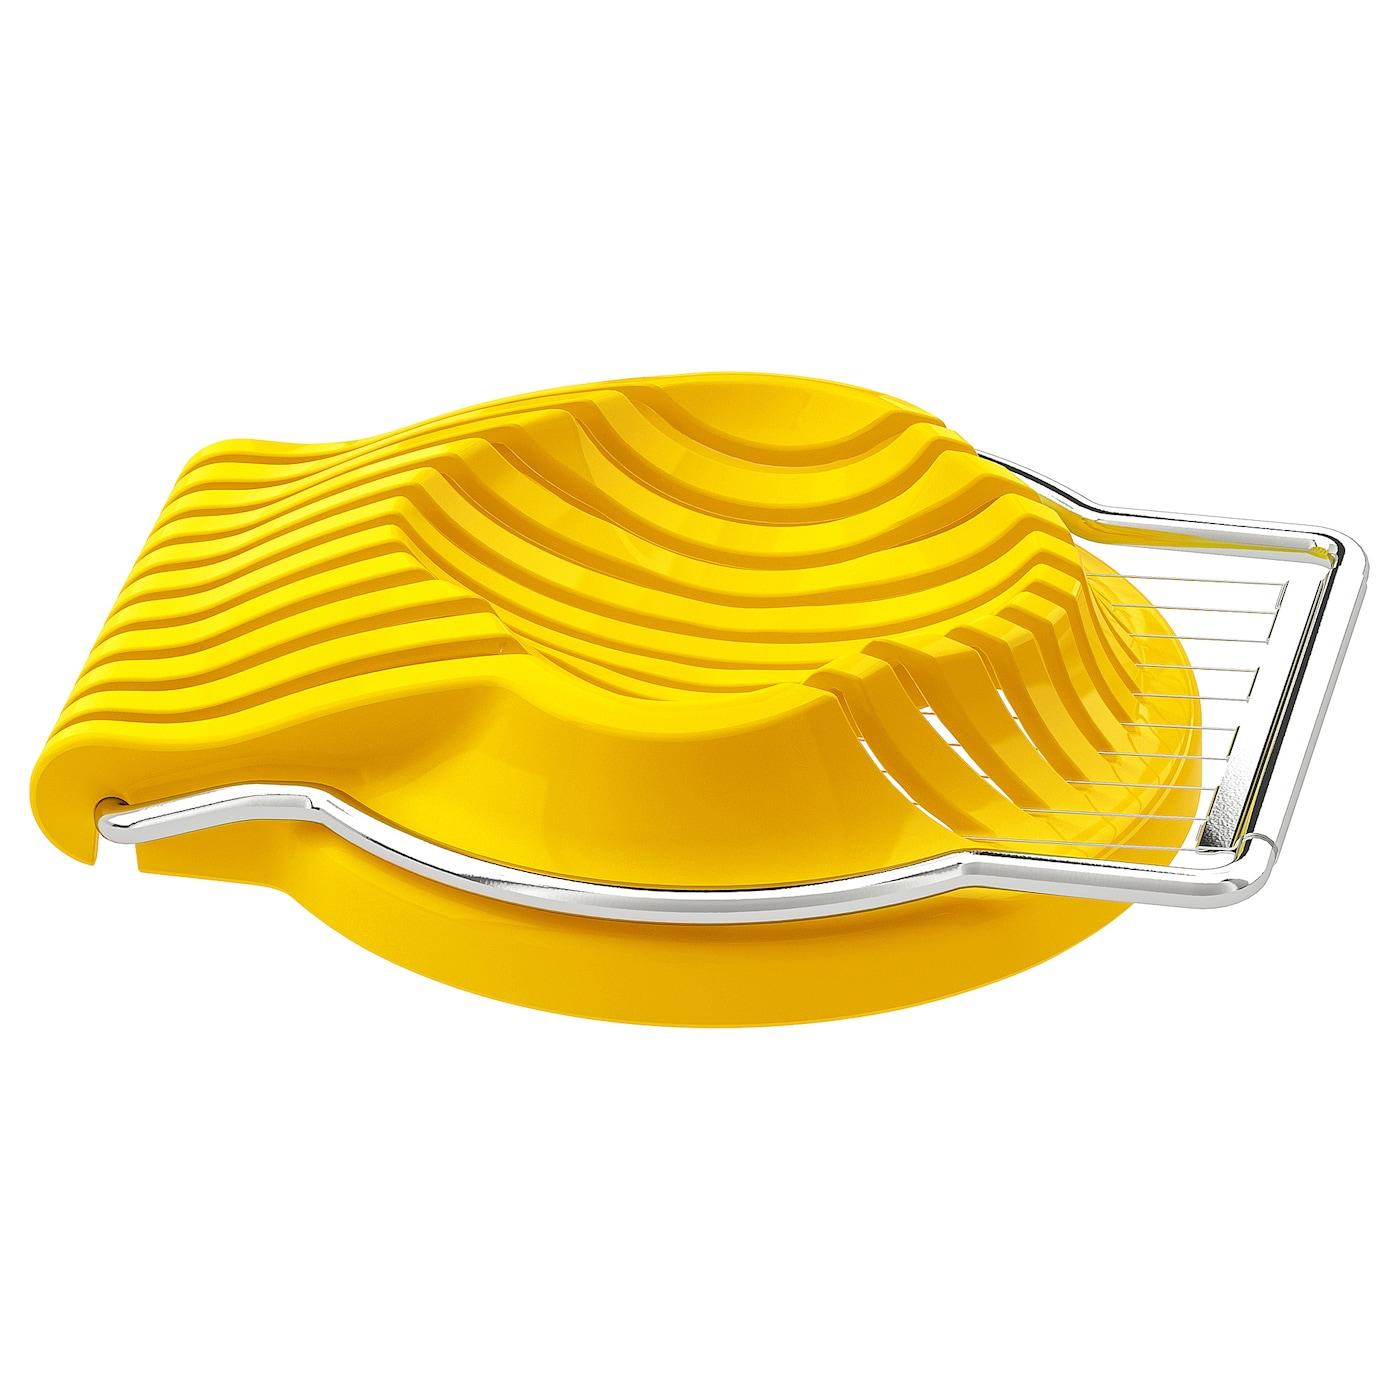 slaet-egg-slicer-yellow__0713136_pe729280_s5.jpg